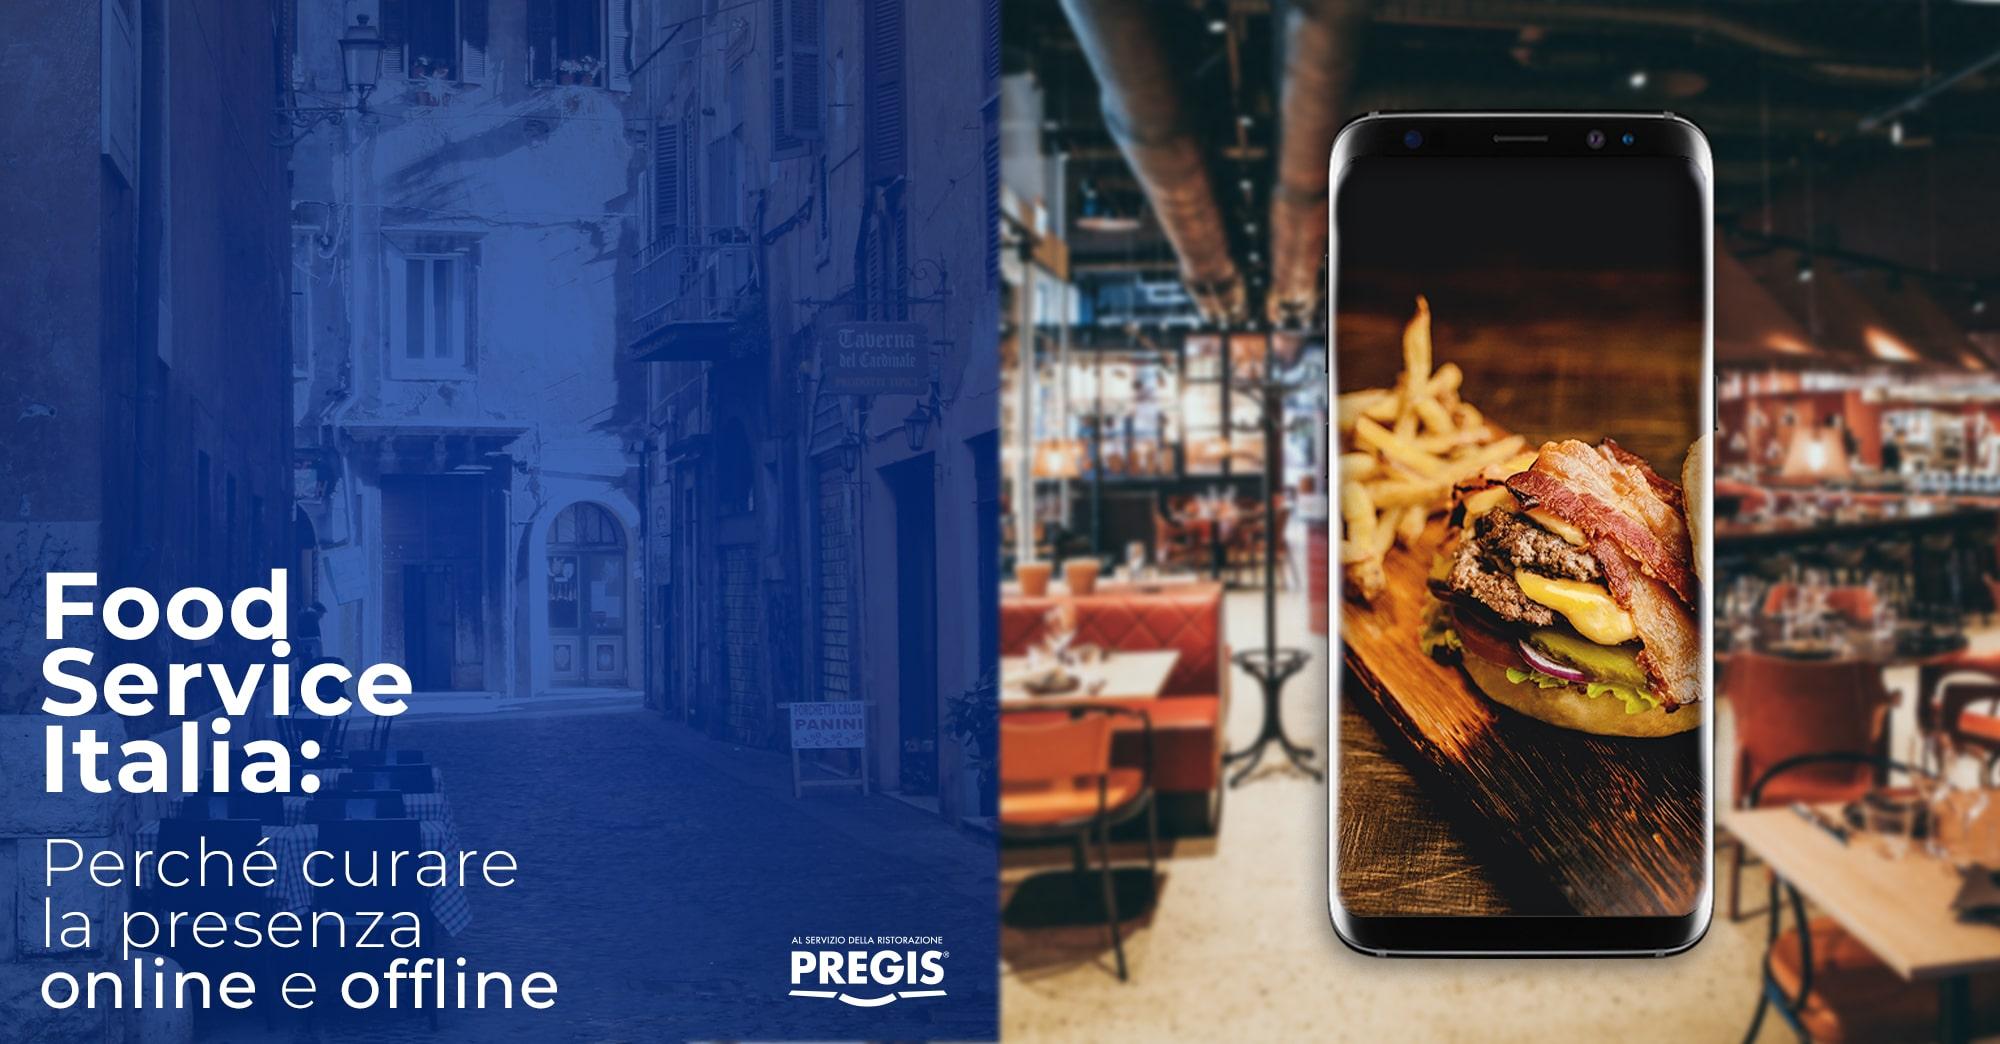 Food Service Italia: perchè curare la presenza online e offline